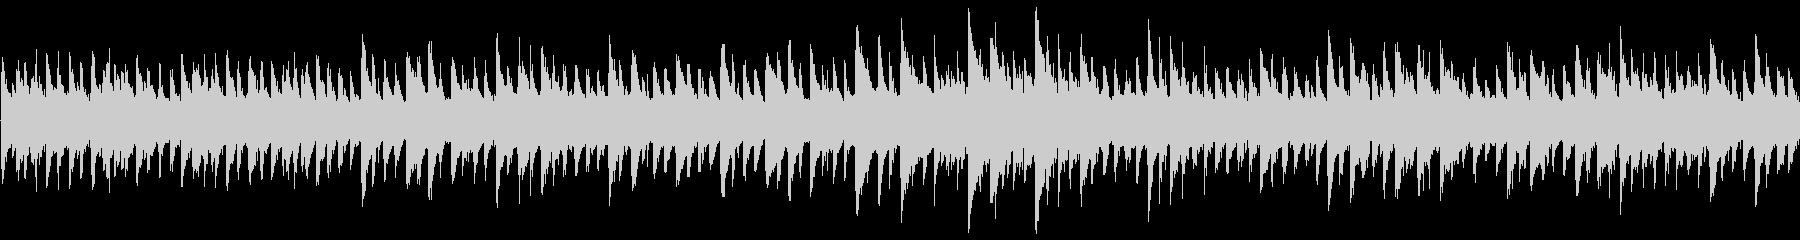 8bit ファンタジー系のループBGMの未再生の波形